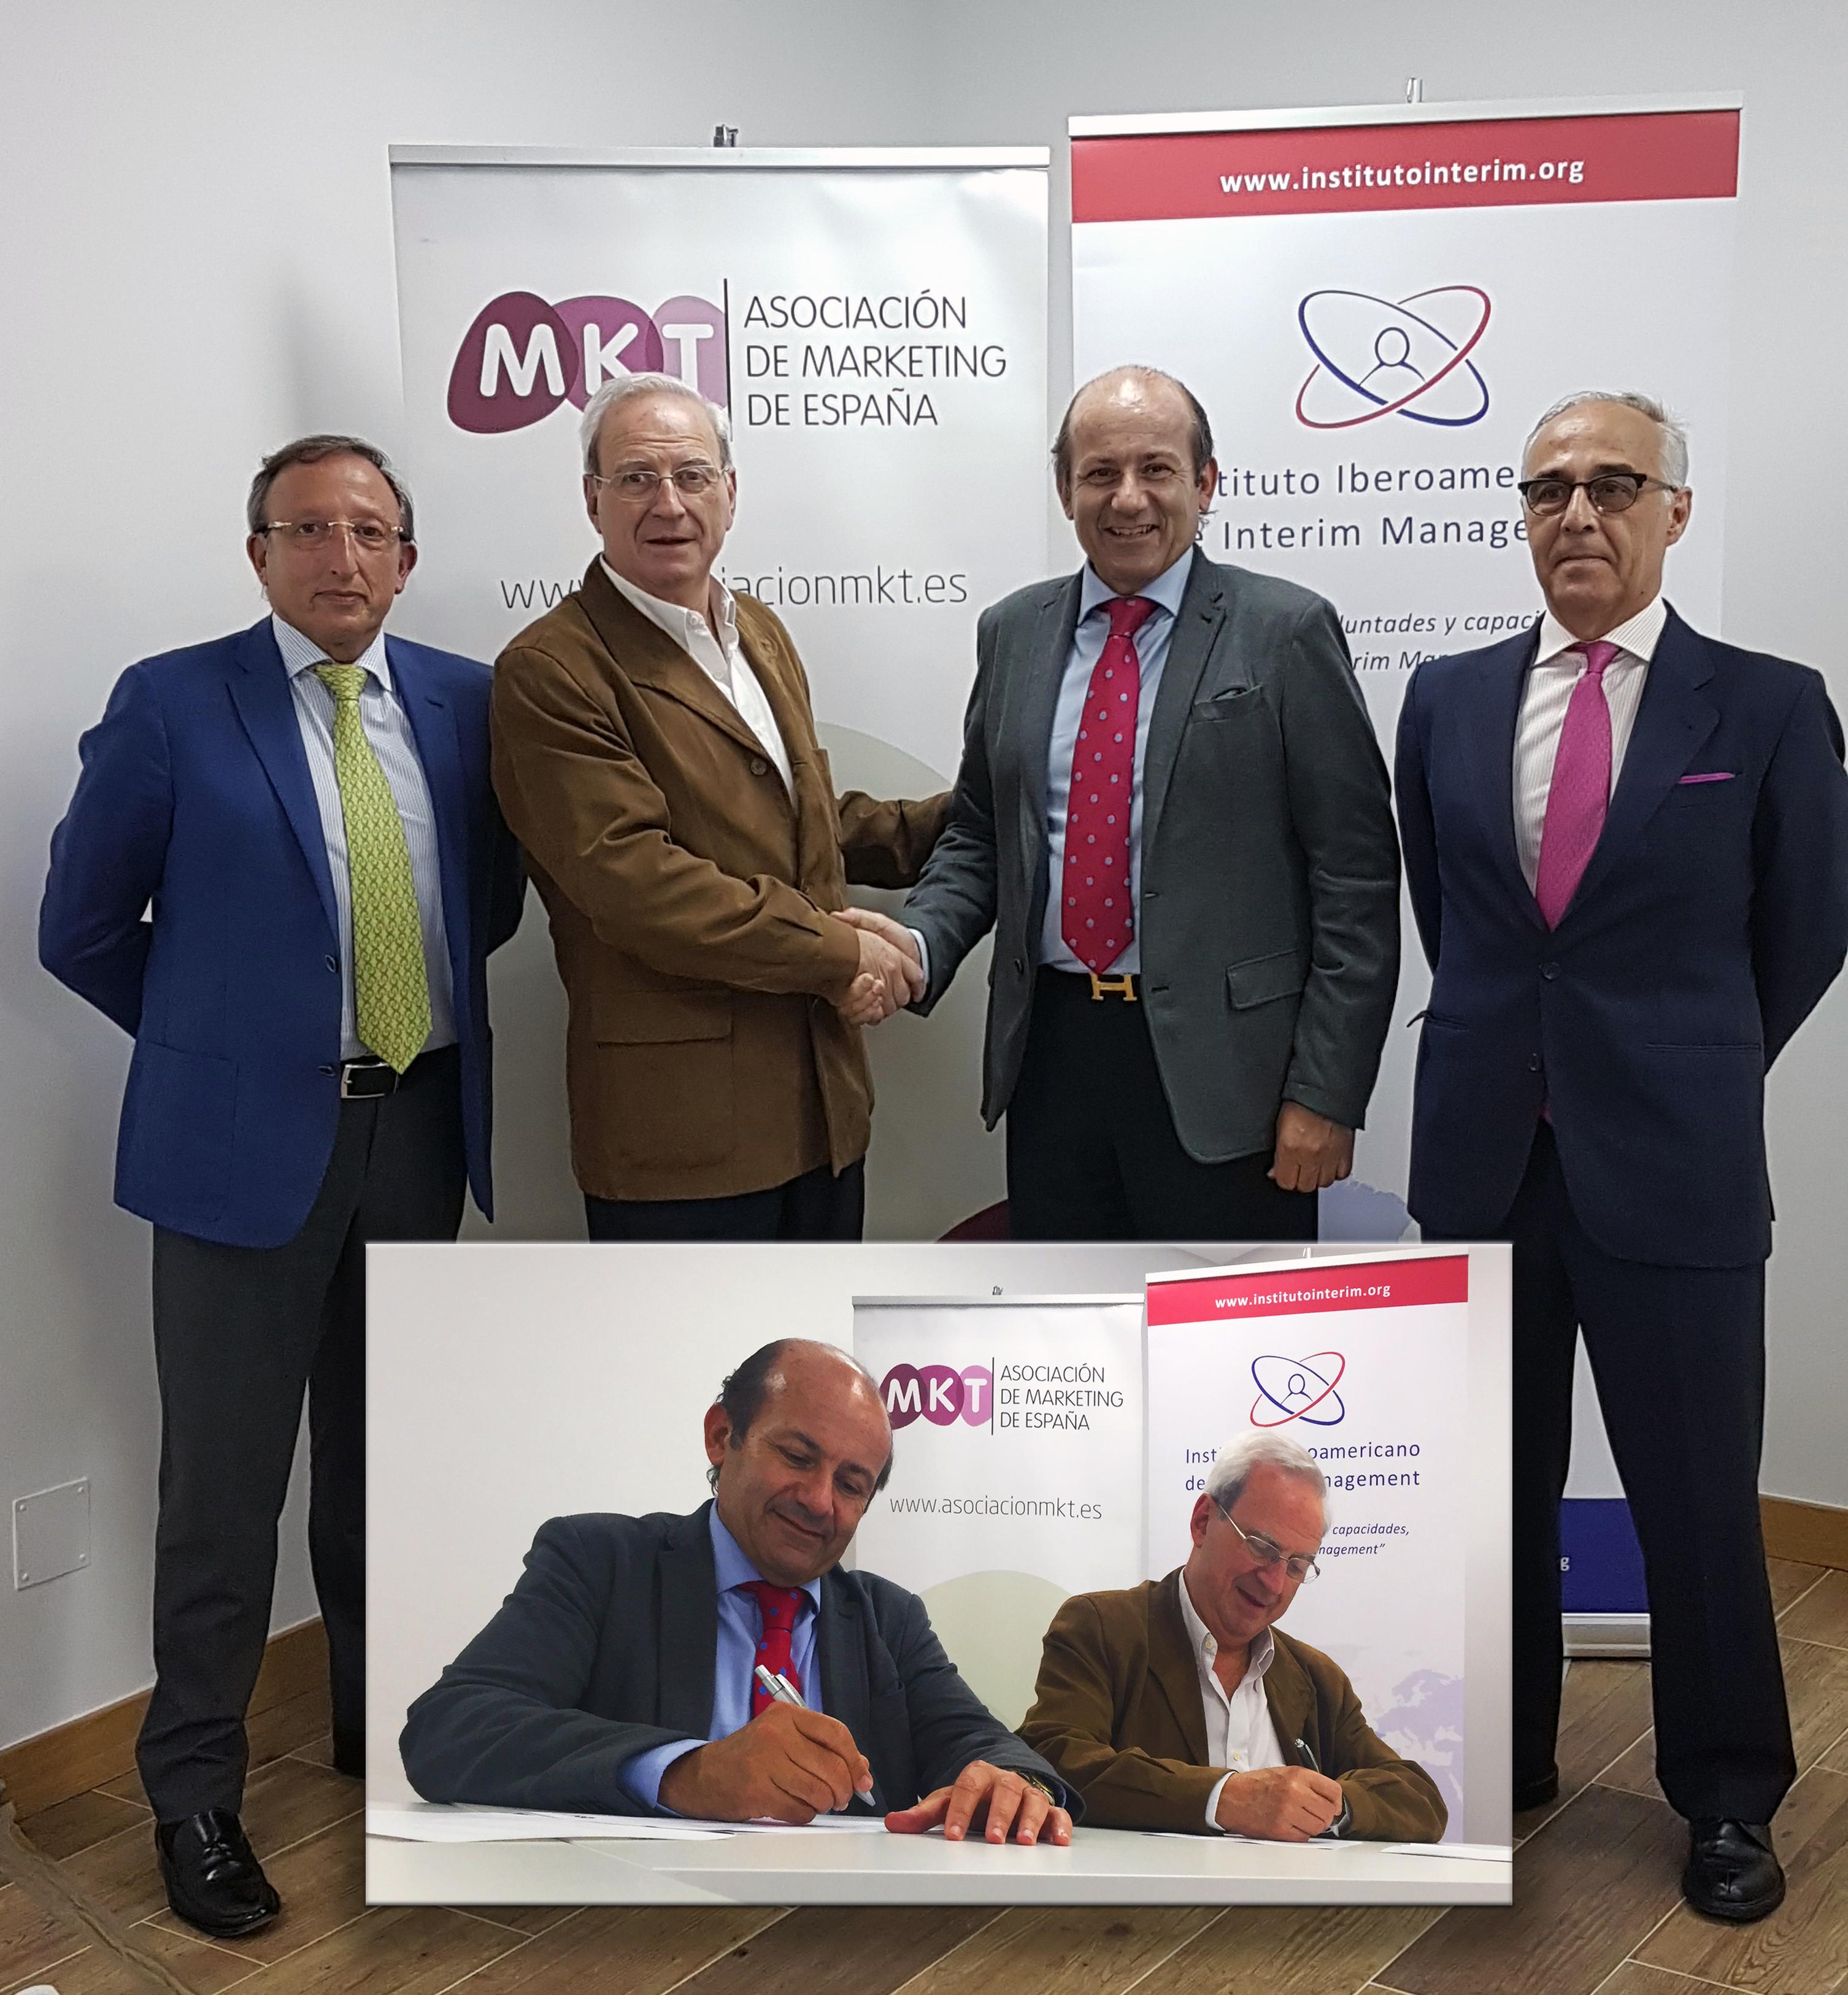 Acuerdo de colaboración MKT Asociación de Marketing de España & Instituto Iberoamericano de Interim Management